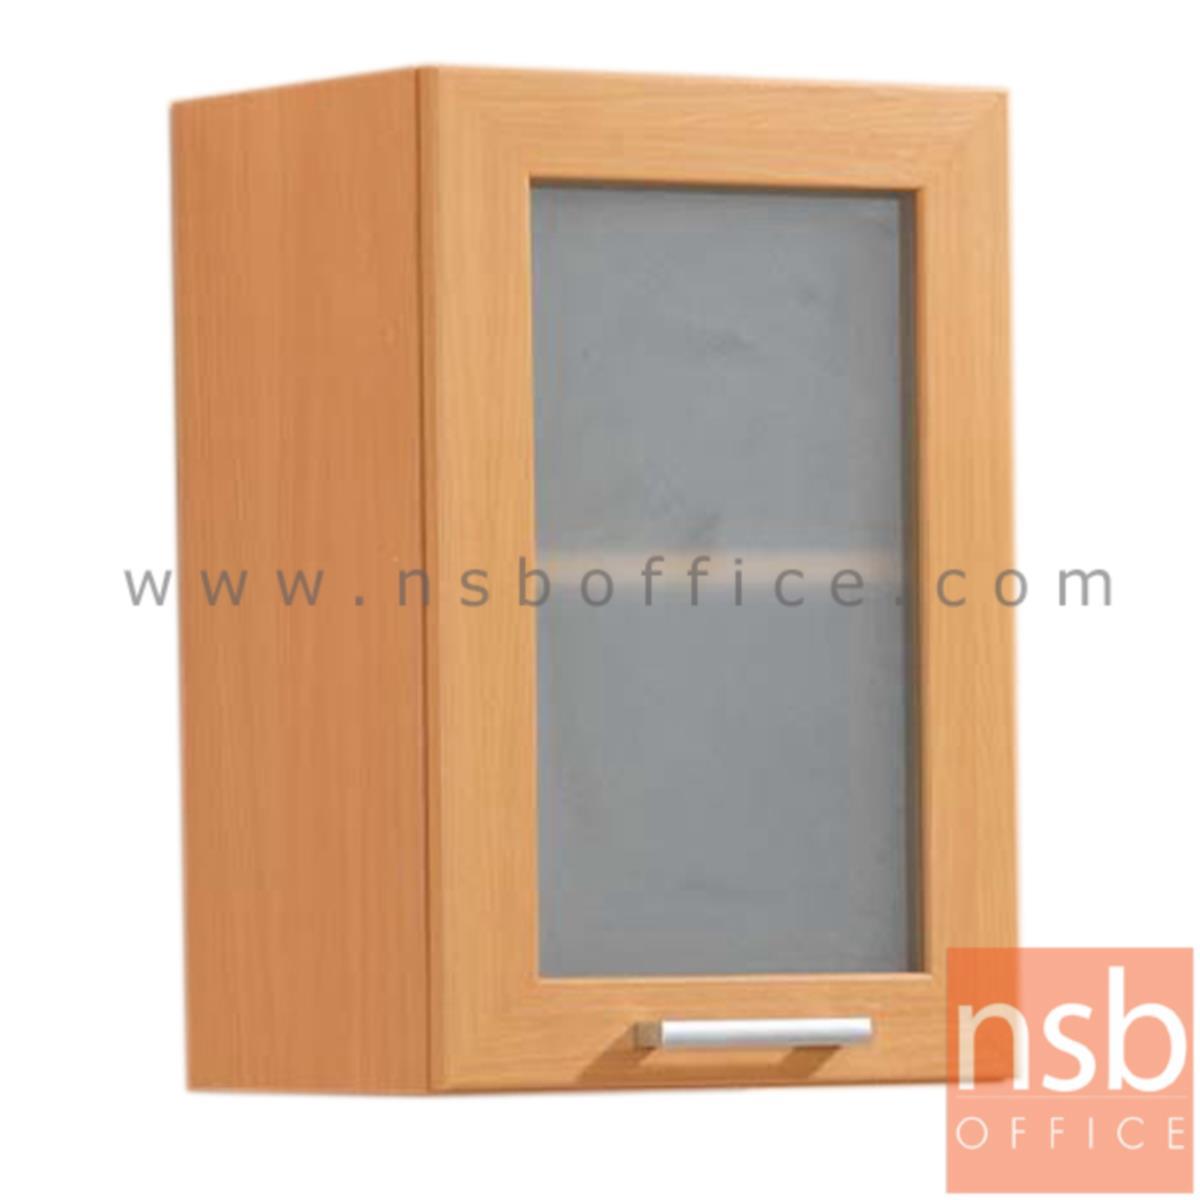 K03A014:ตู้แขวนบานกระจกสูง 60 ซม. รุ่น Wisconsin 1 มือจับอลูมิเนียม